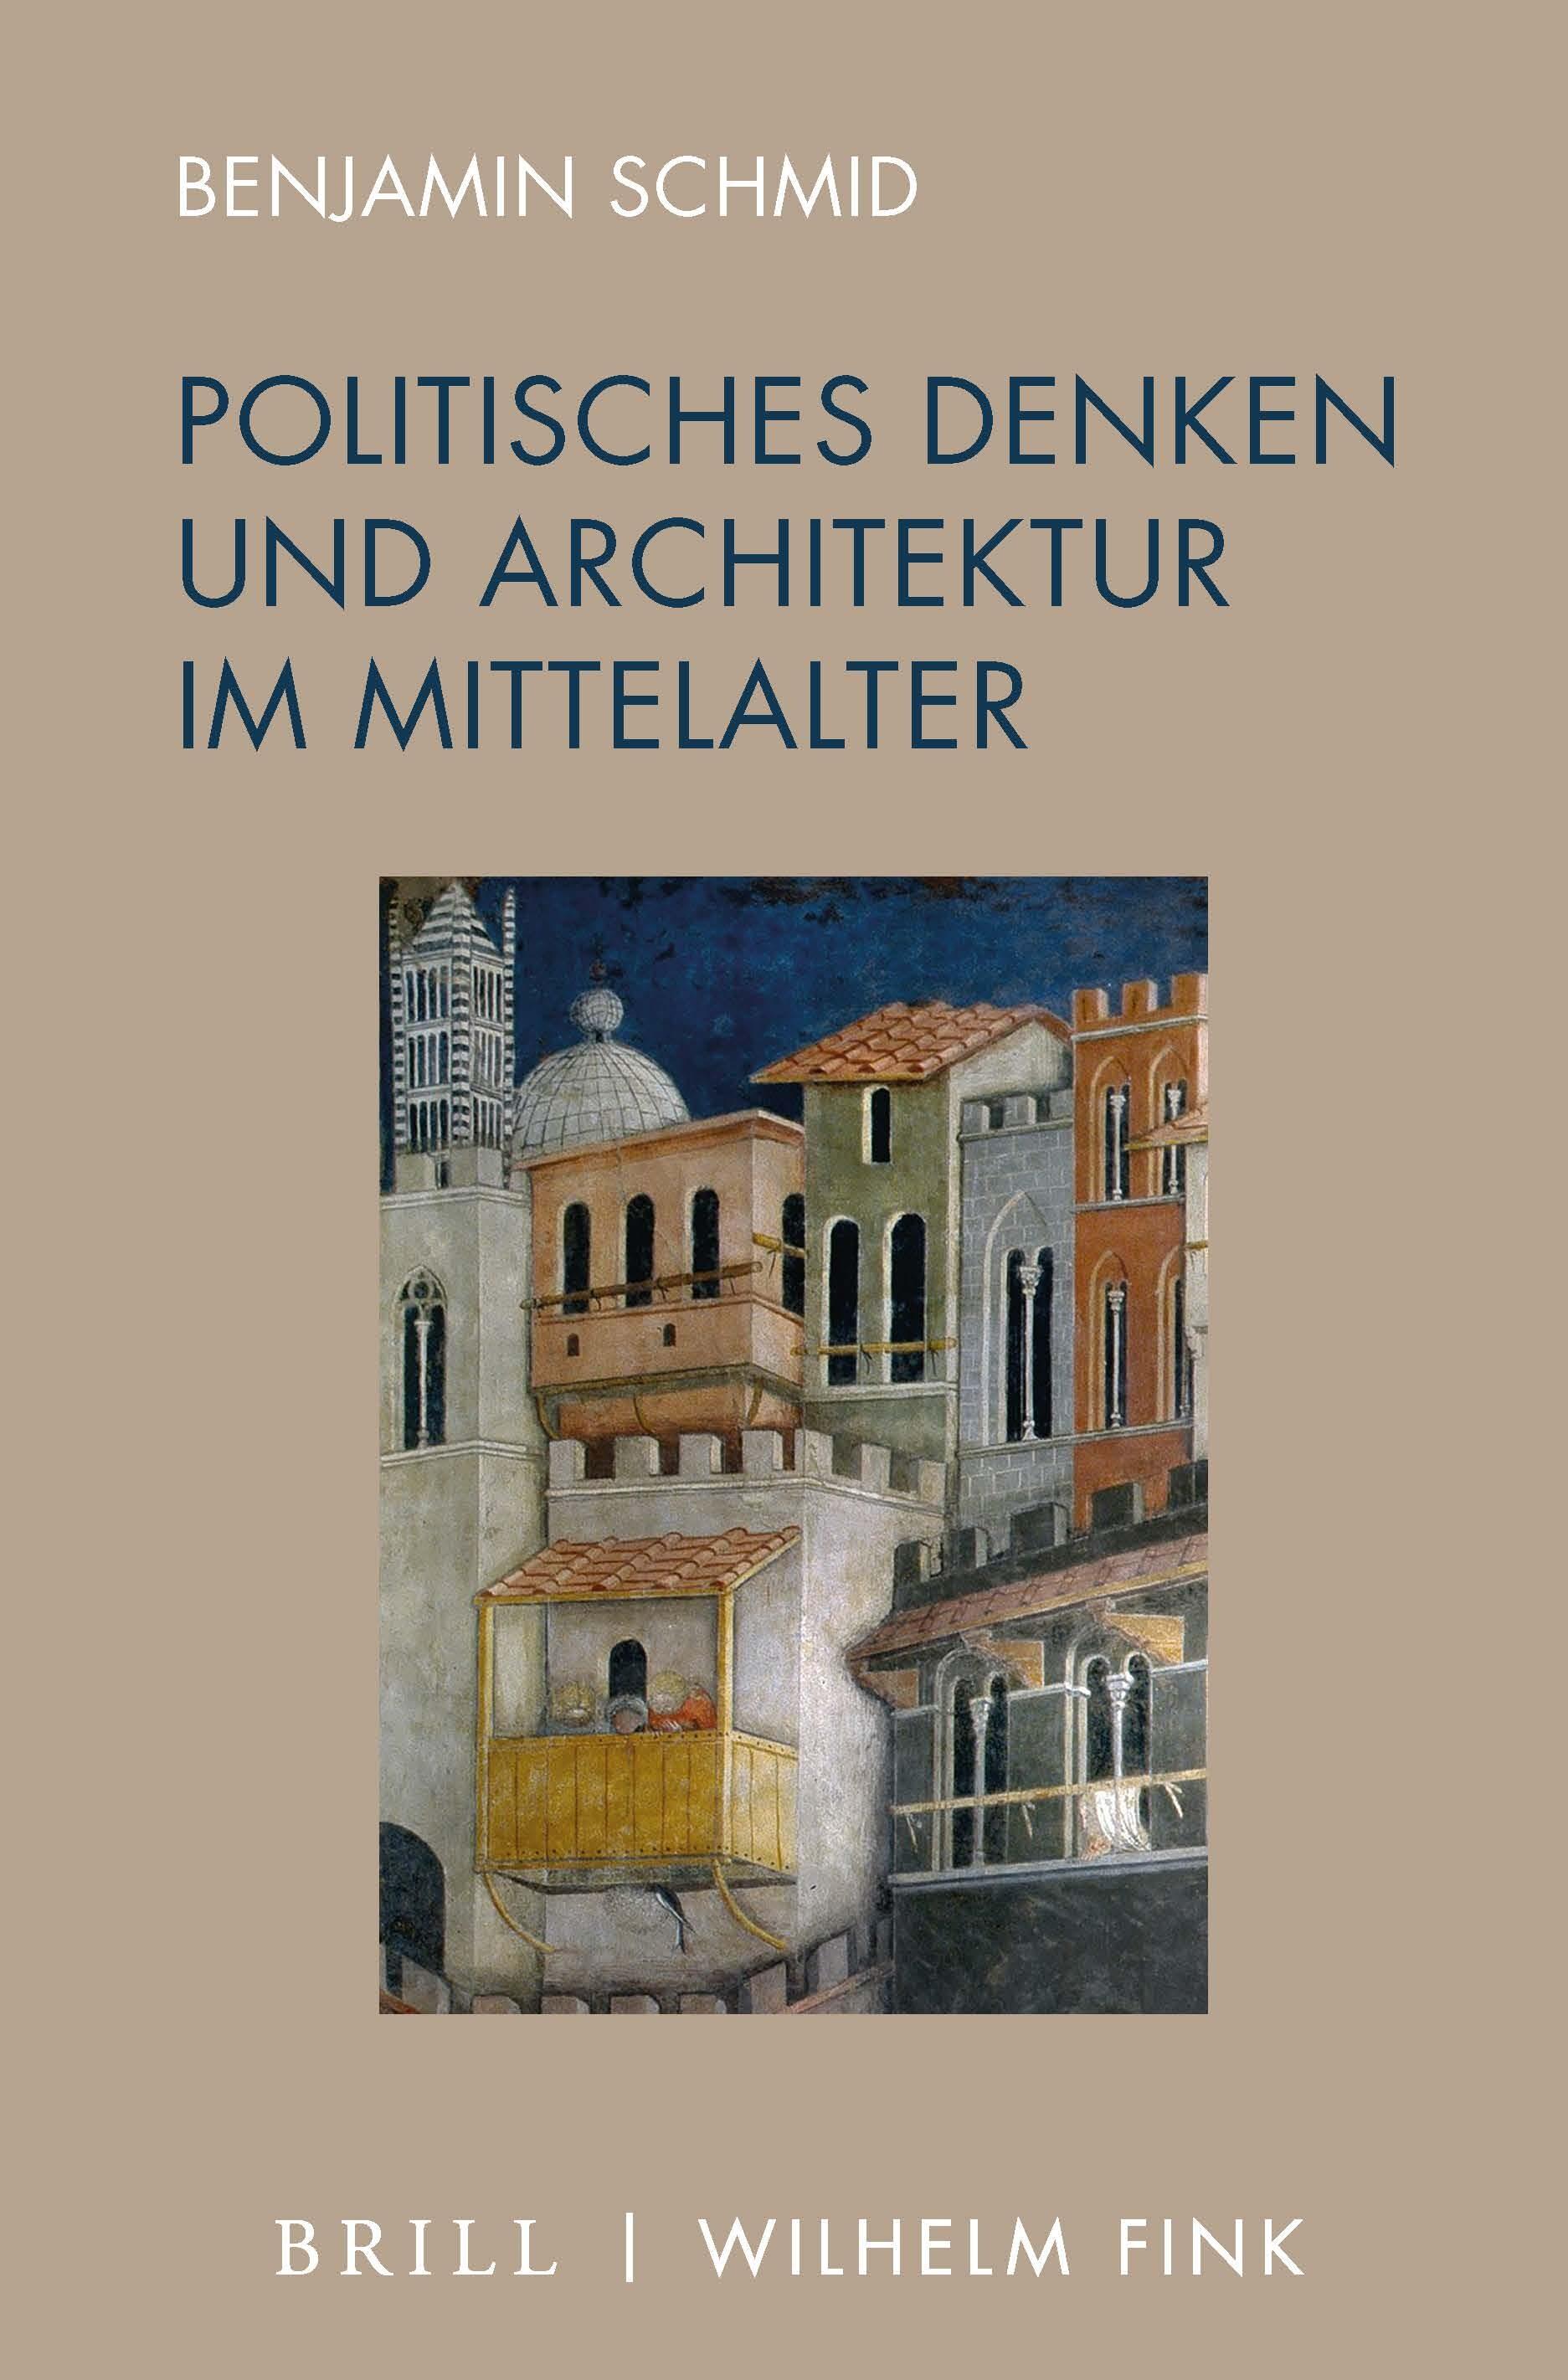 Zweiter Teil Die Architektur Des Denkens In Politisches Denken Und Architektur Im Mittelalter